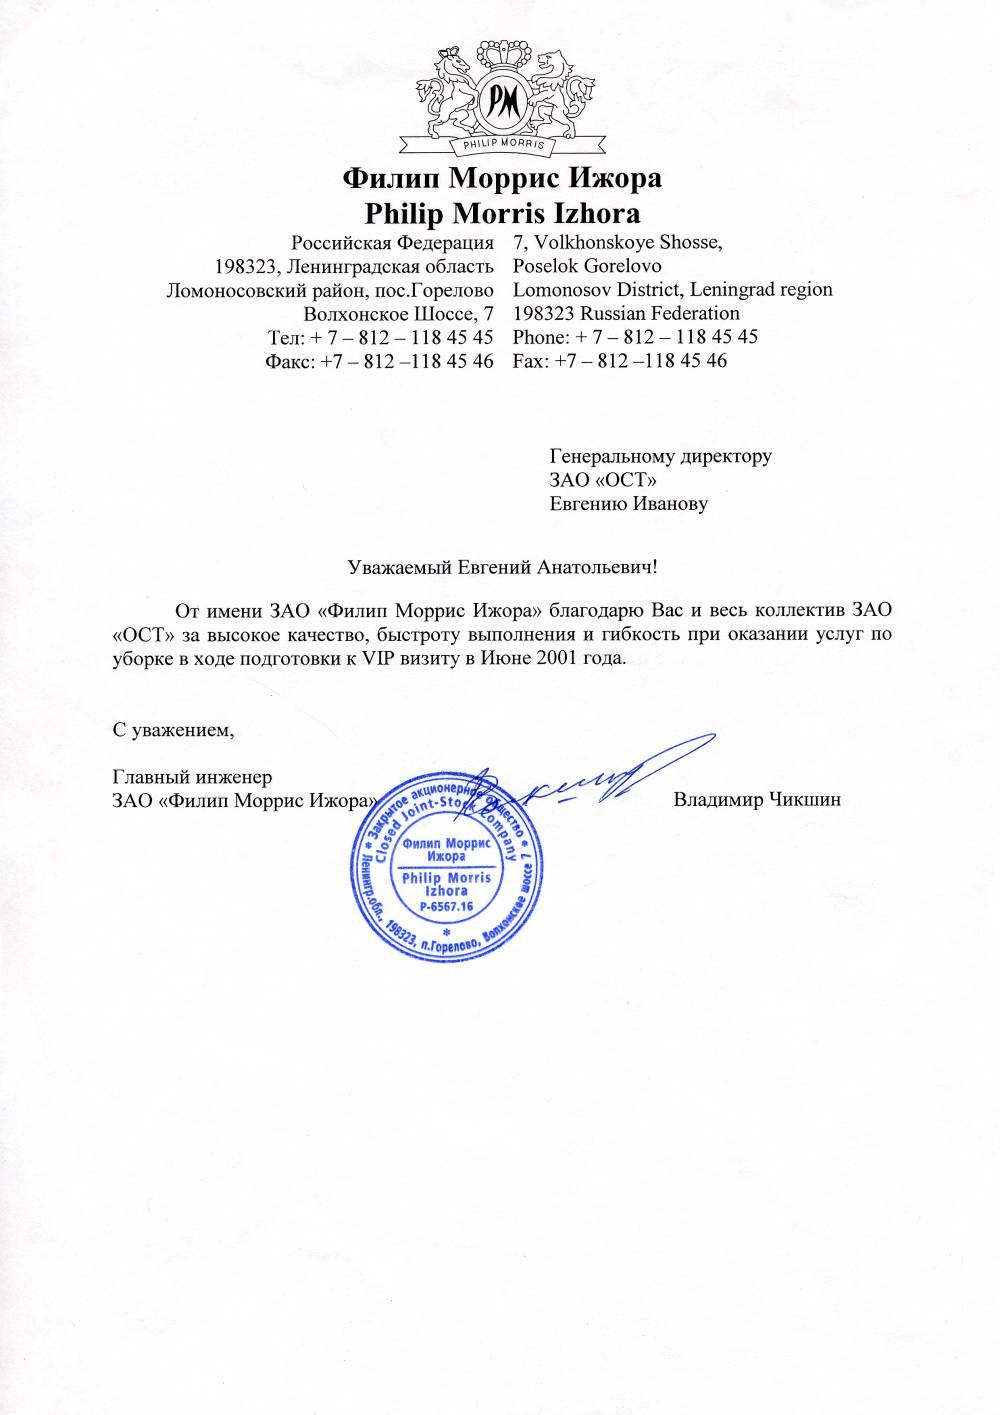 ЗАО «Филип Моррис Ижора»